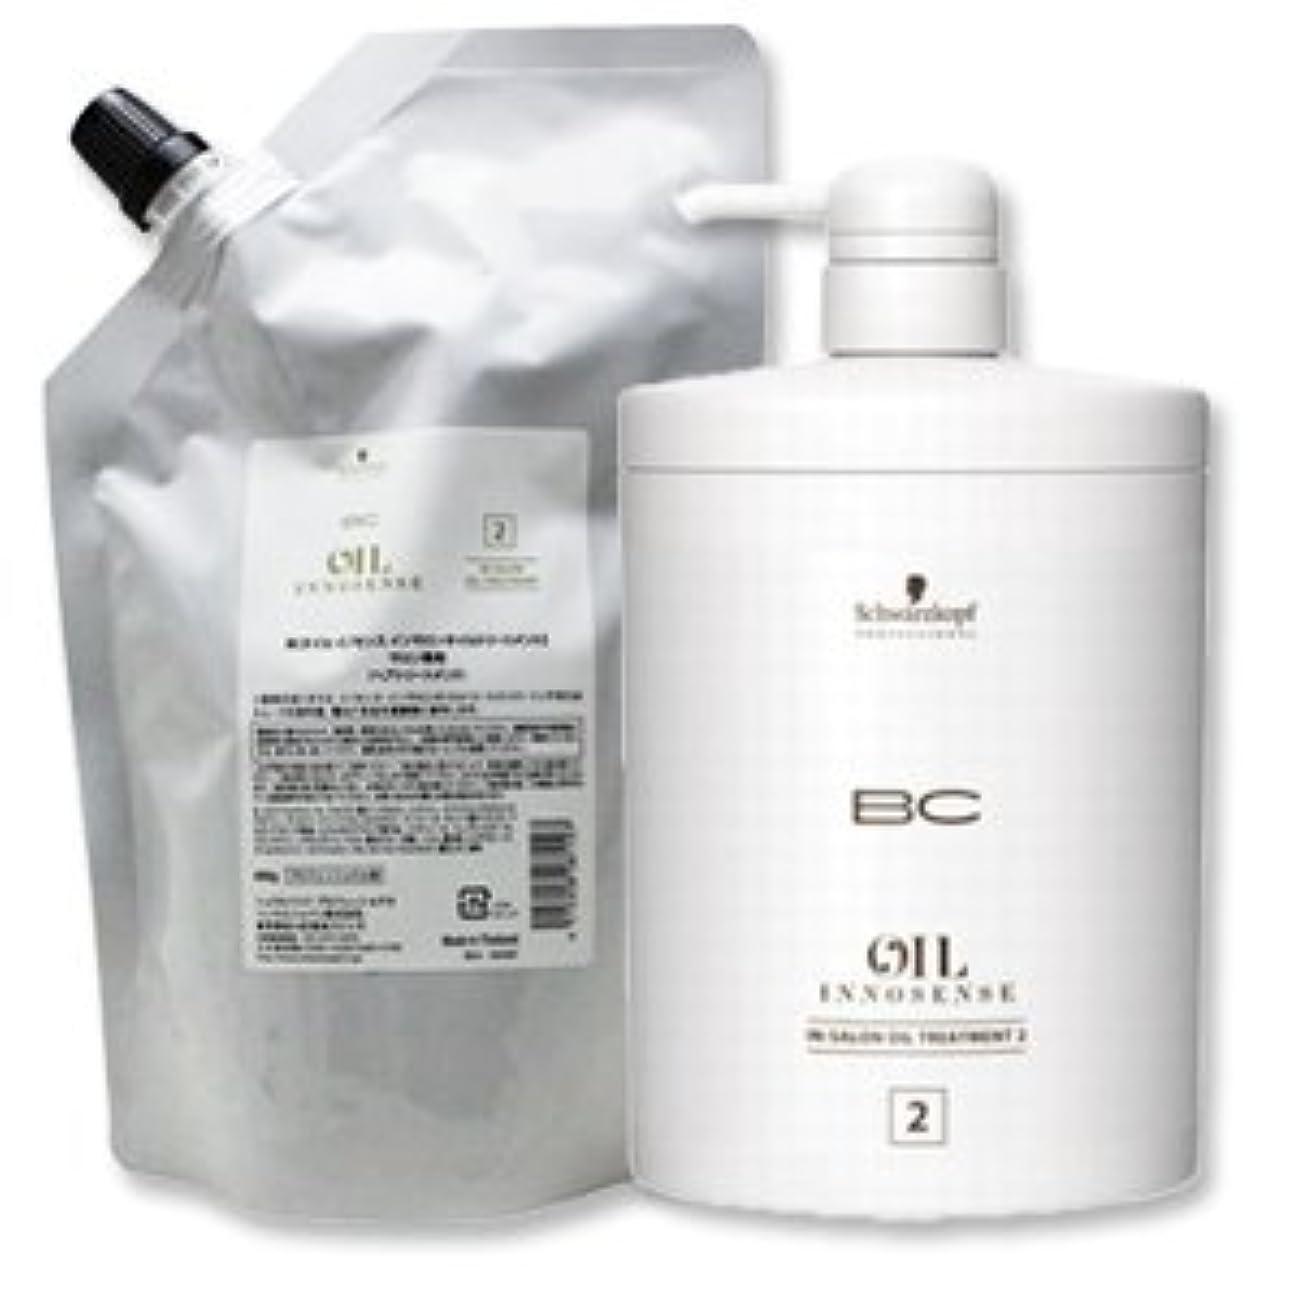 資金レイプ晴れシュワルツコフ BC オイルイノセンス インサロンオイルトリートメント2 600g + 専用容器ポンプボトル セット